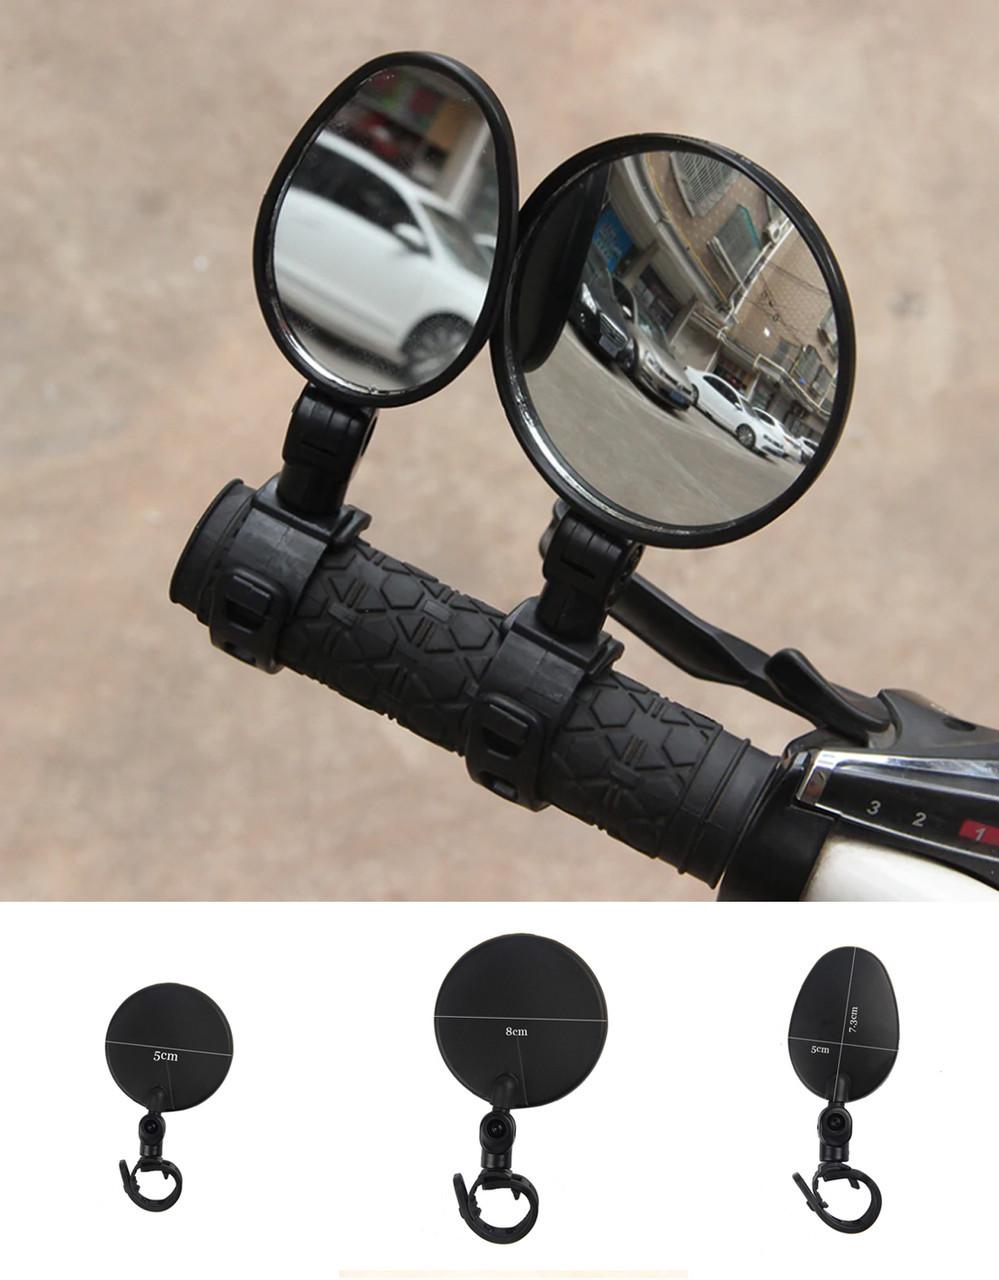 Дзеркало заднього виду на кермо вело панорамне поворотне c силіконовим швидкознімним кріпленням (ТРИ ВАРІАНТИ)